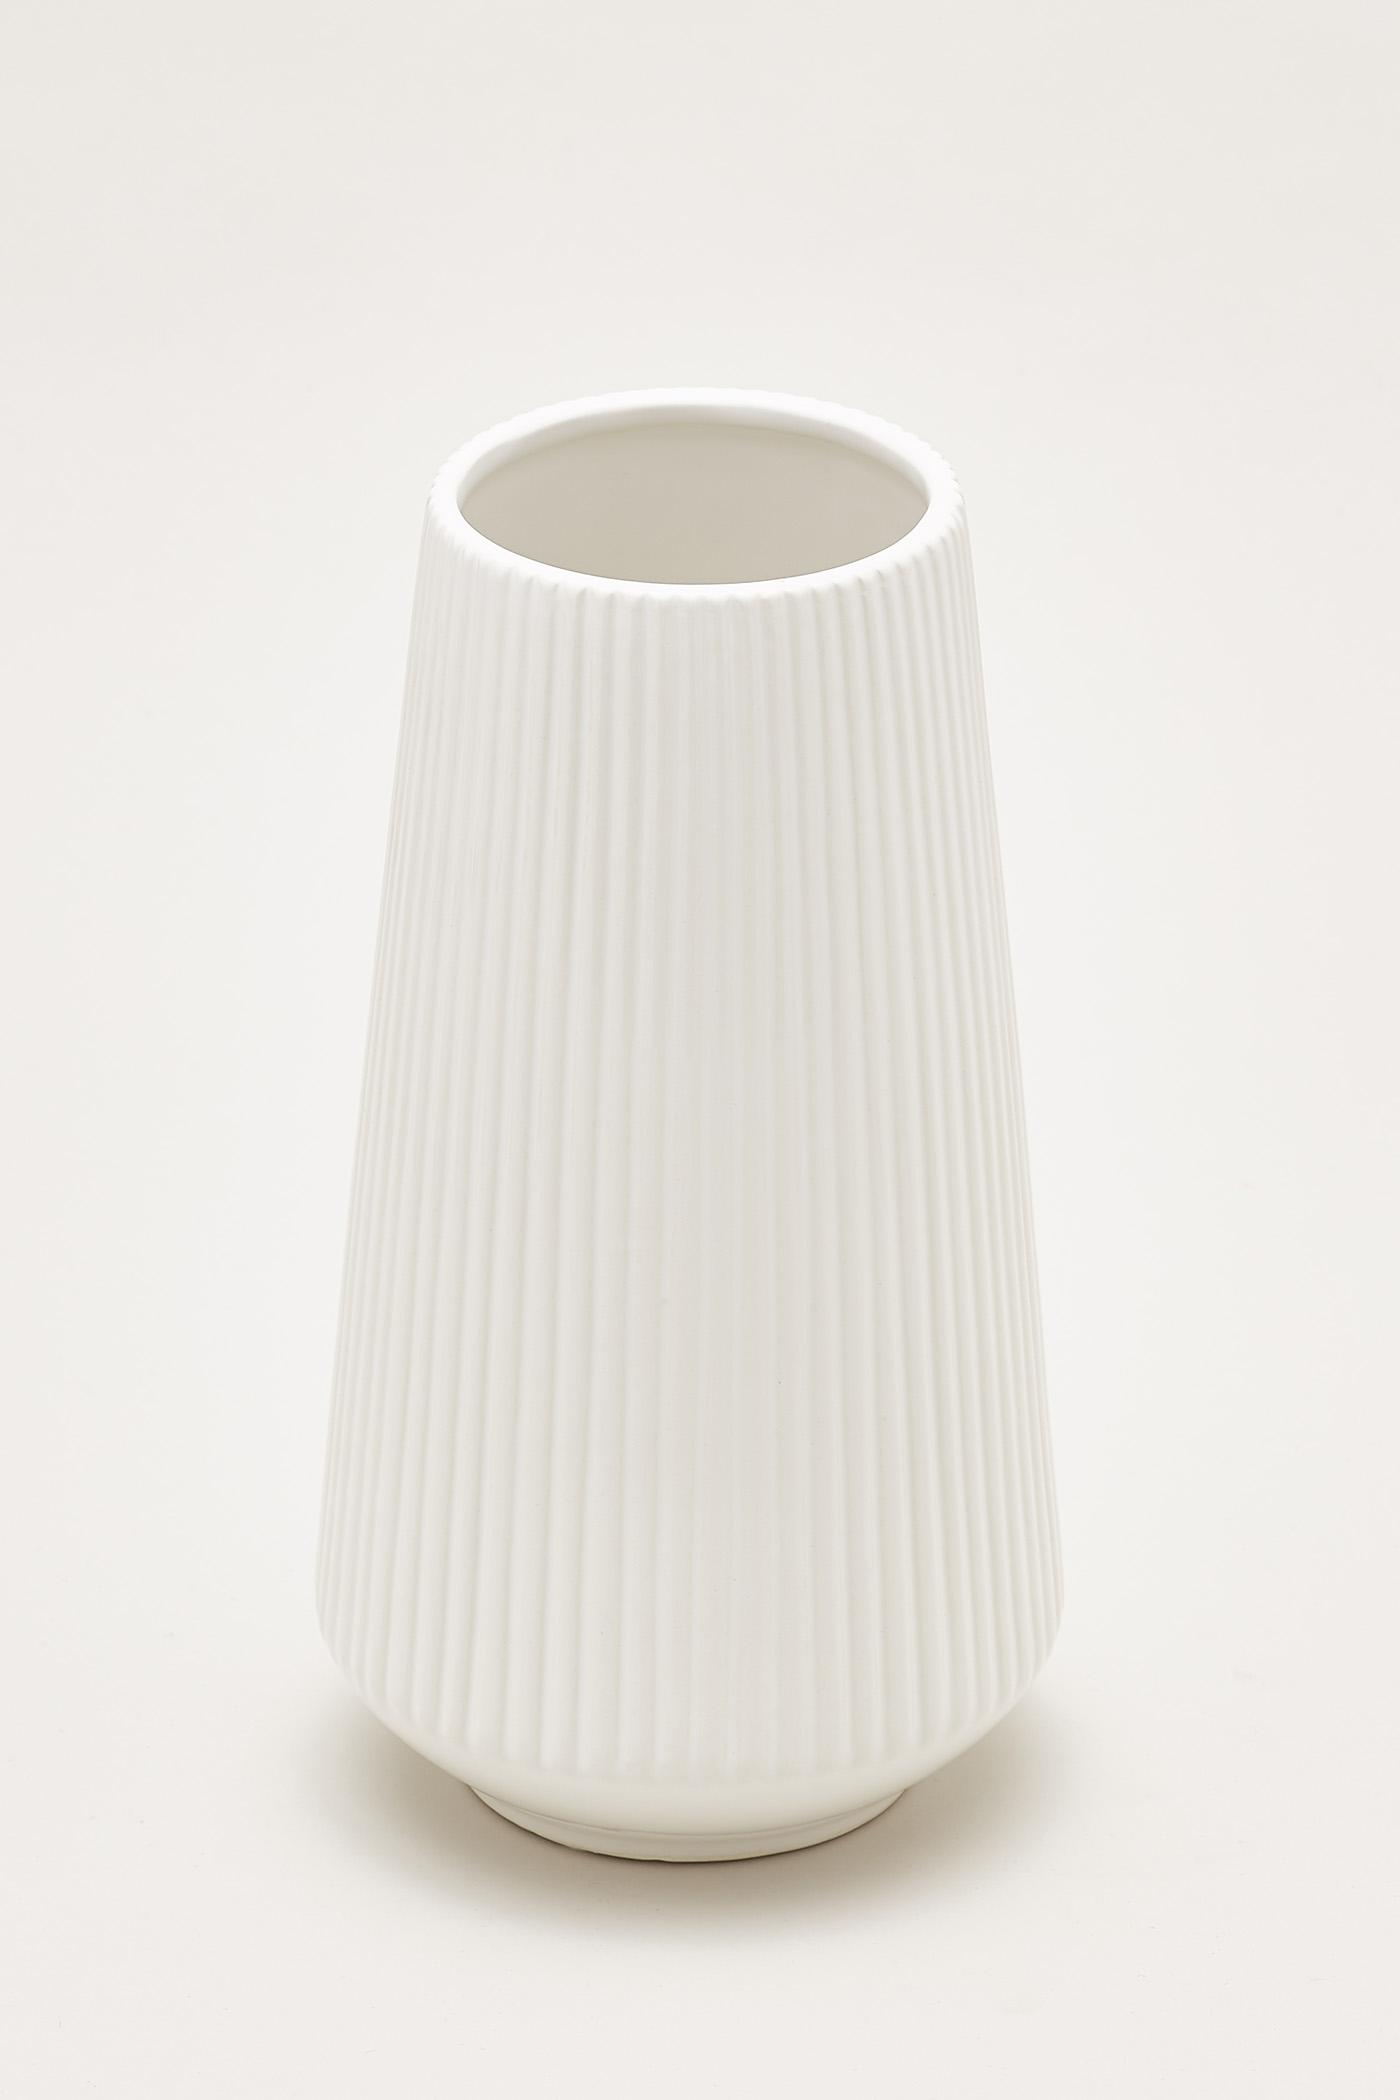 Nilsen Reeded Tall Vase